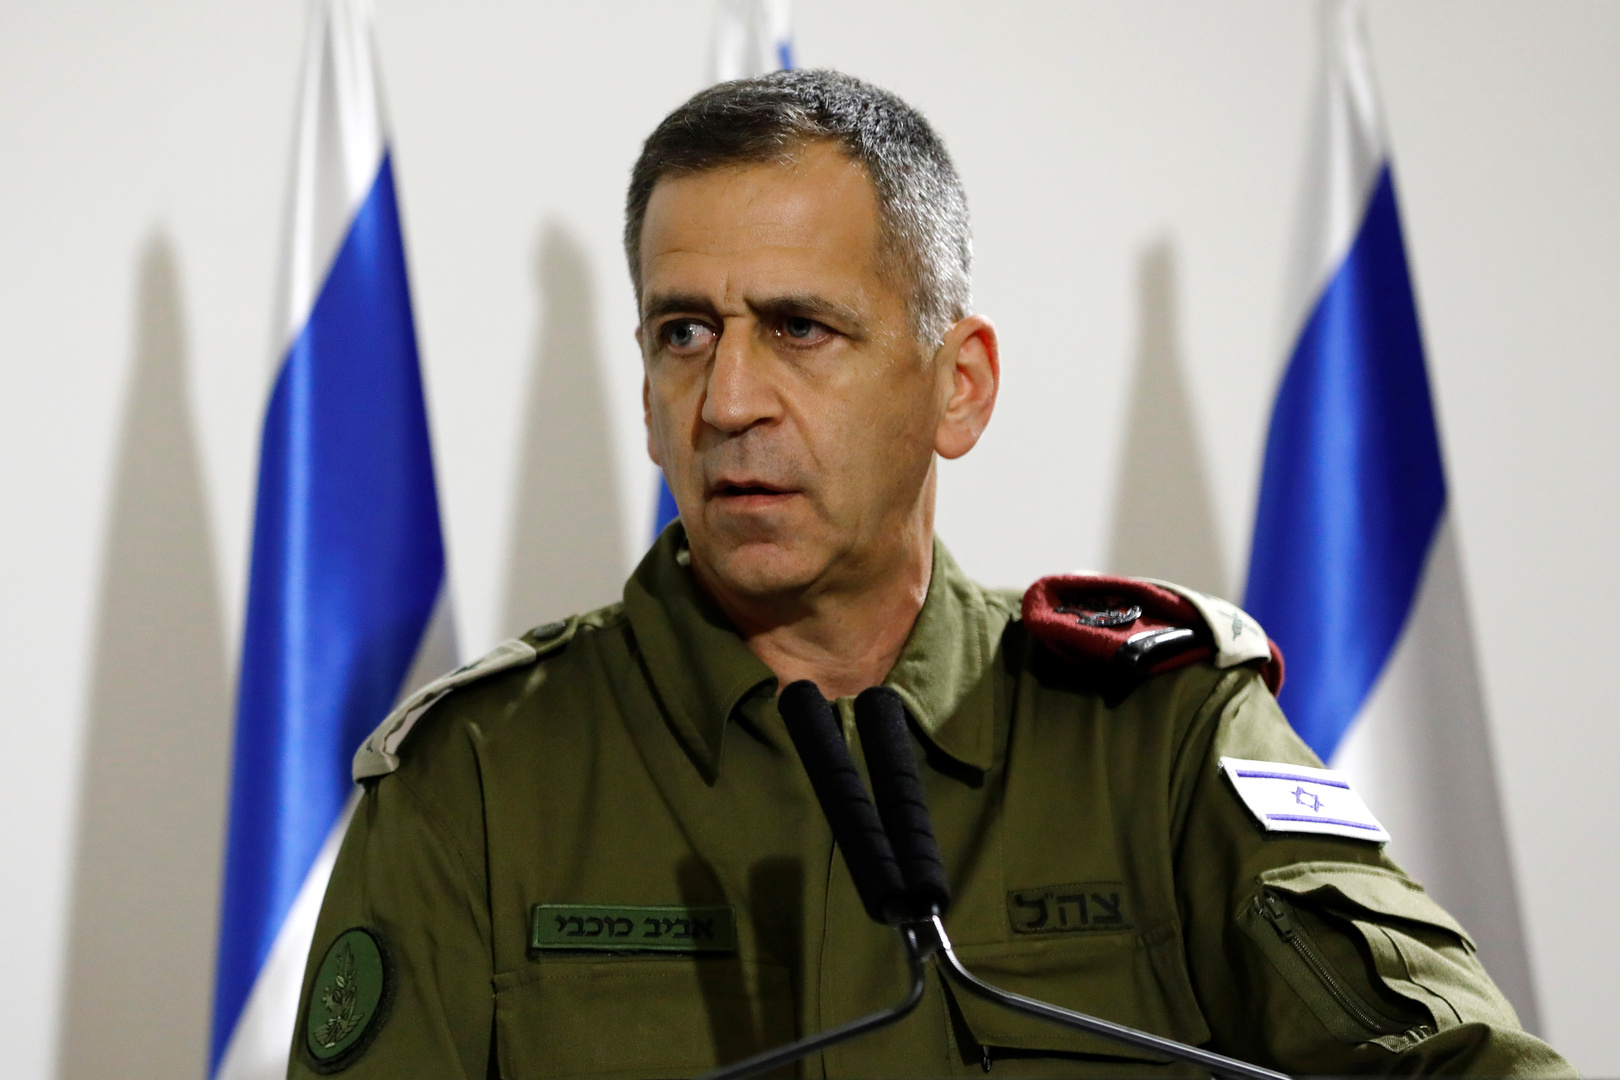 الجيش الإسرائيلي مخاطبا سكان لبنان وغزة: غادروها فهي مشبعة بالصواريخ وستغمرها هجماتنا